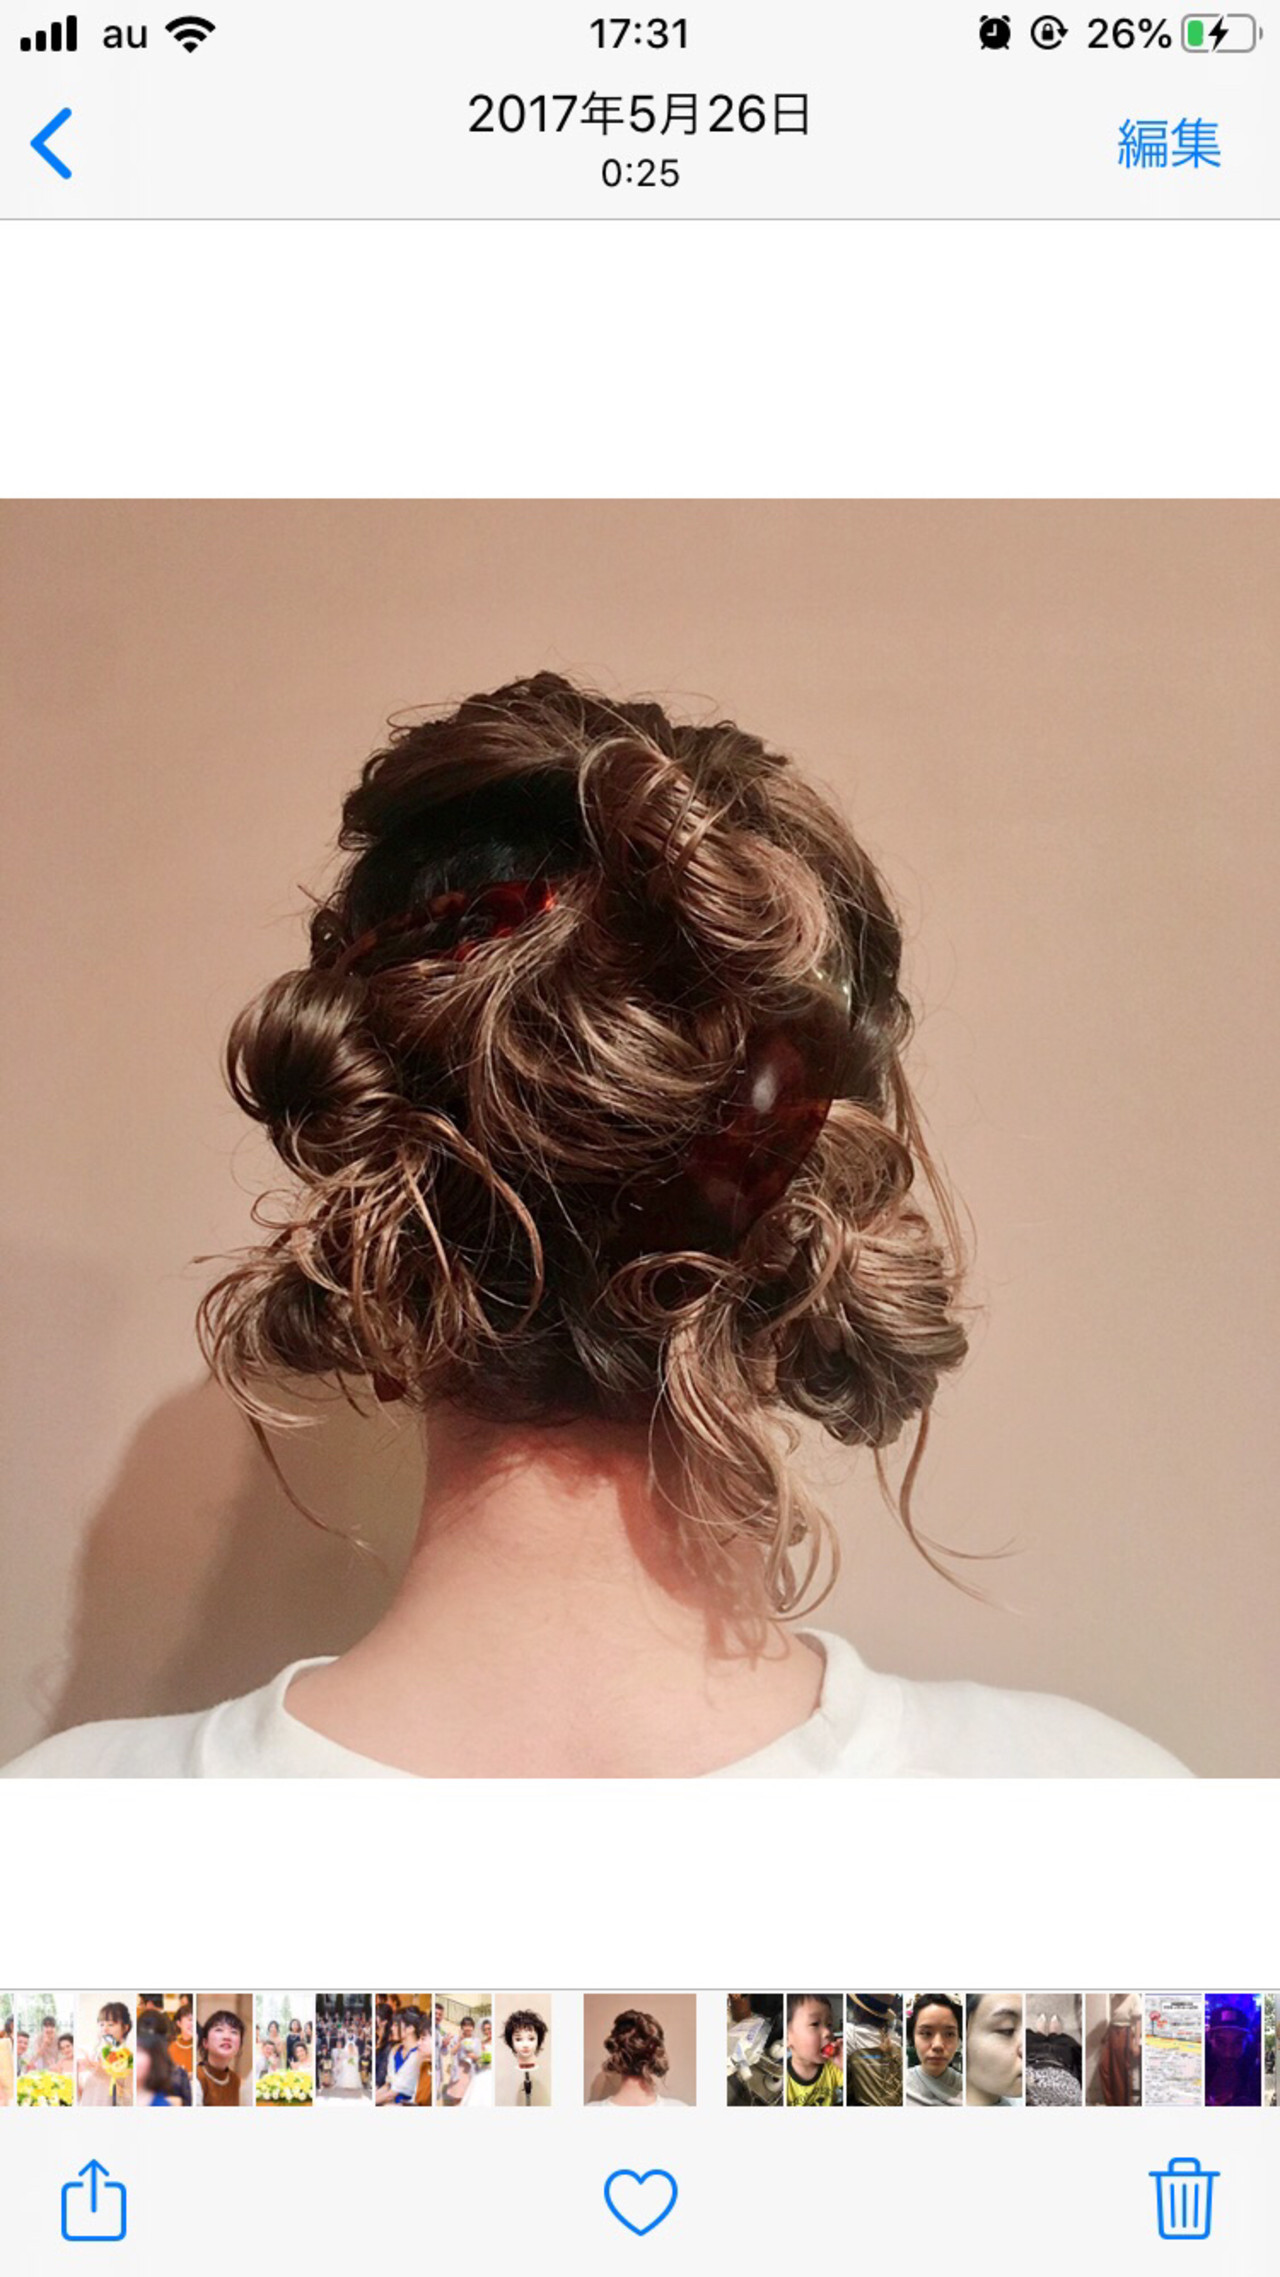 ナチュラル お団子アレンジ おだんご ヘアアレンジ ヘアスタイルや髪型の写真・画像